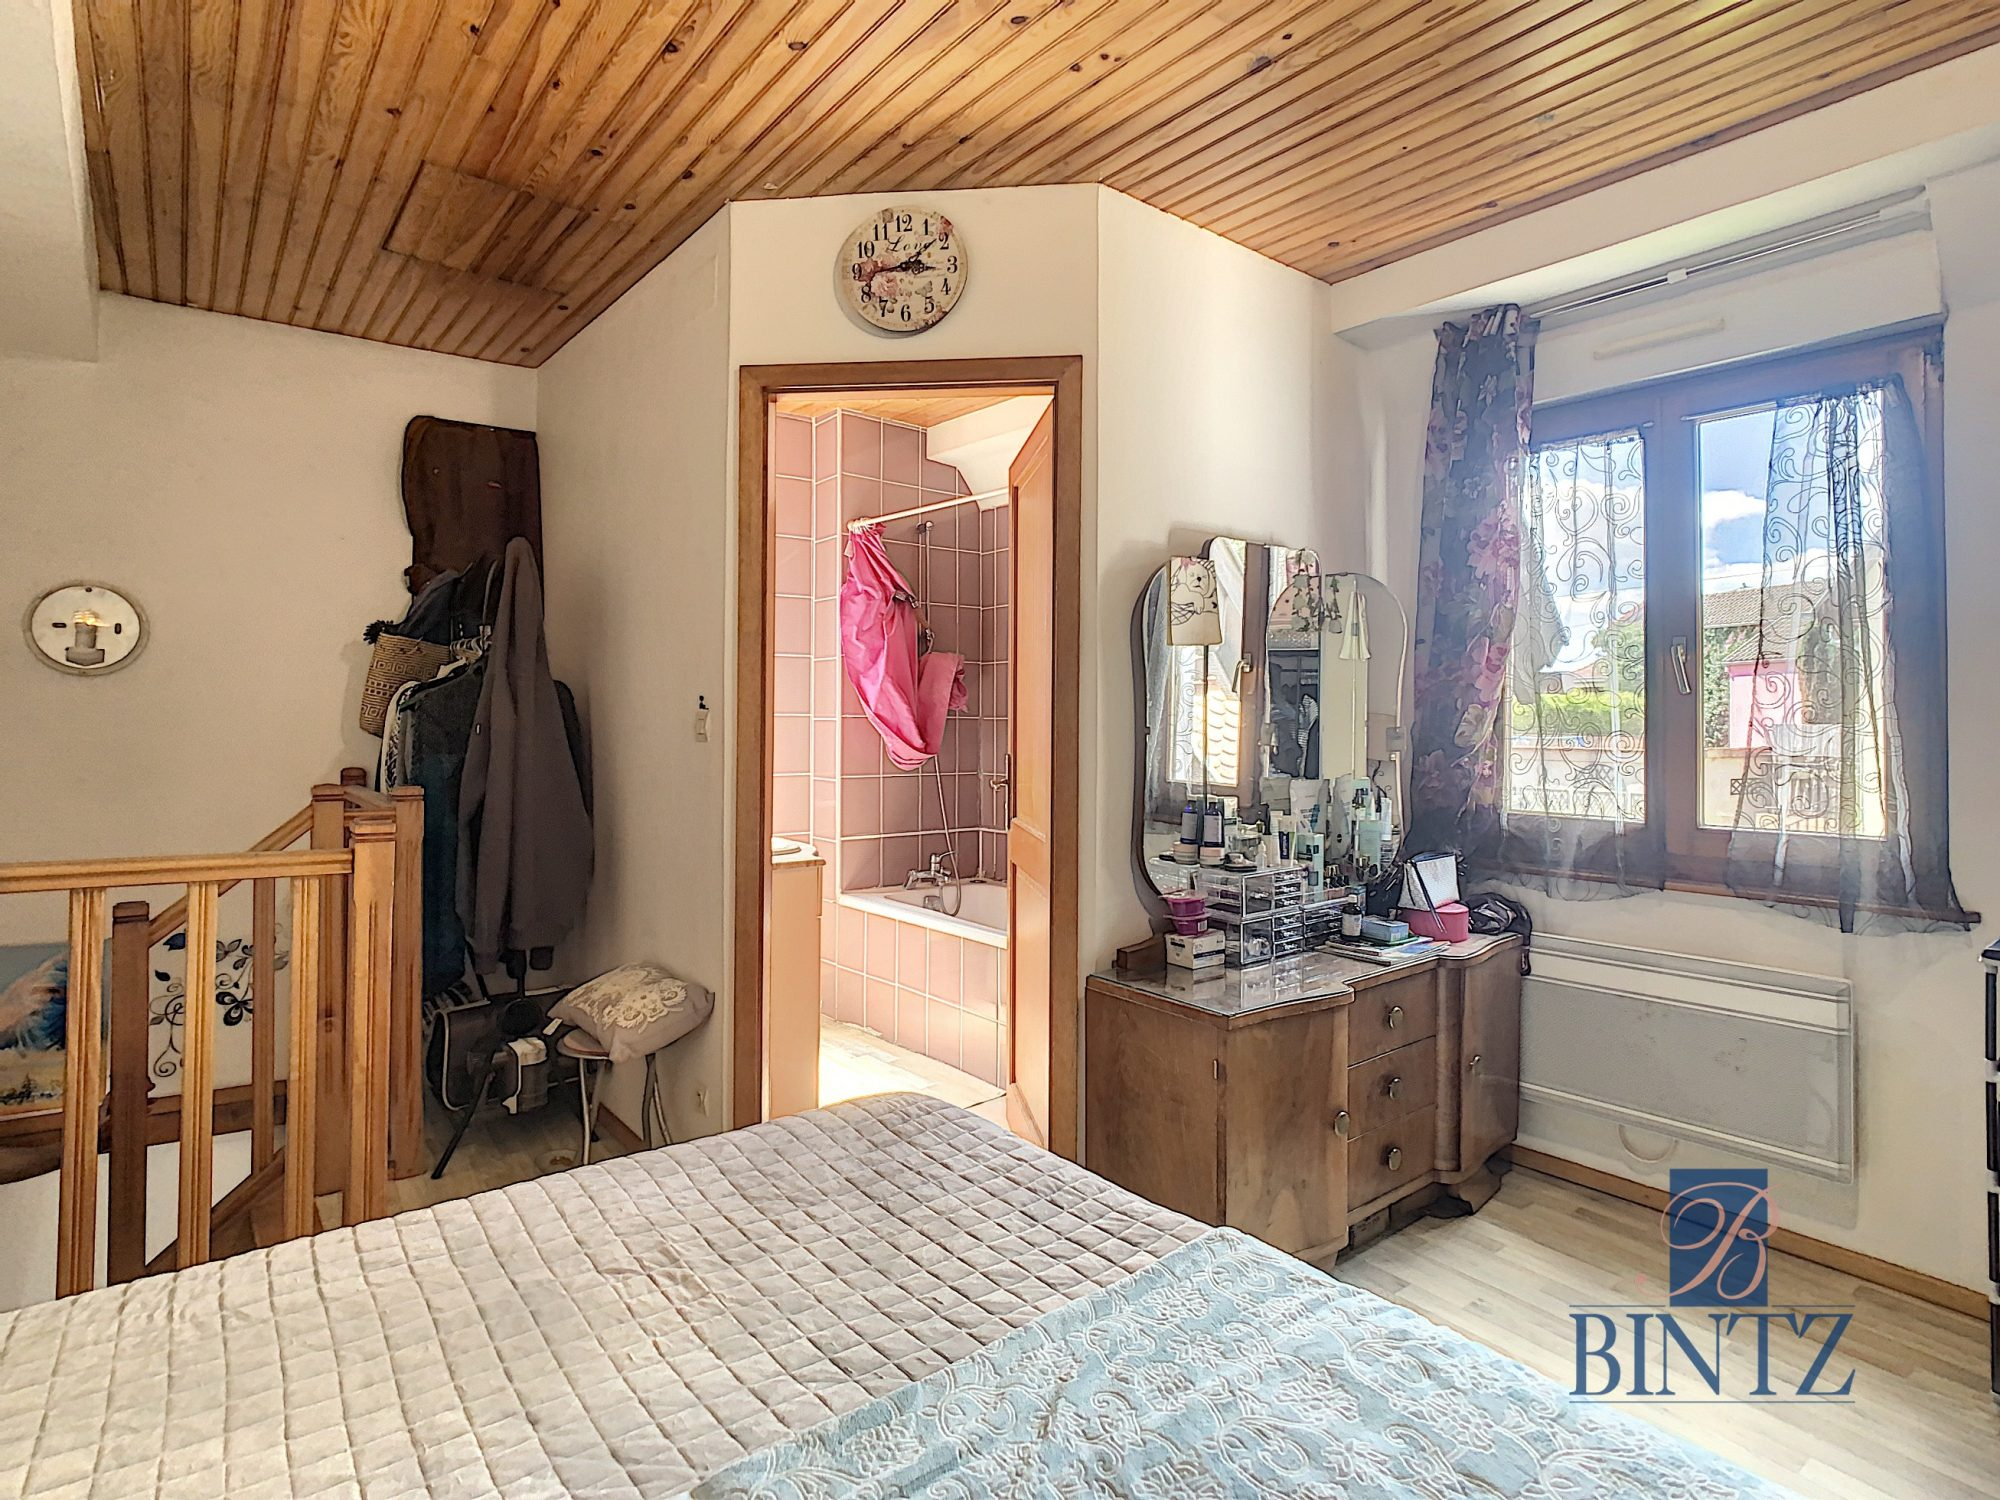 Pour investisseur : maison 2 pièces louée, avec garage fermé - Devenez propriétaire en toute confiance - Bintz Immobilier - 6